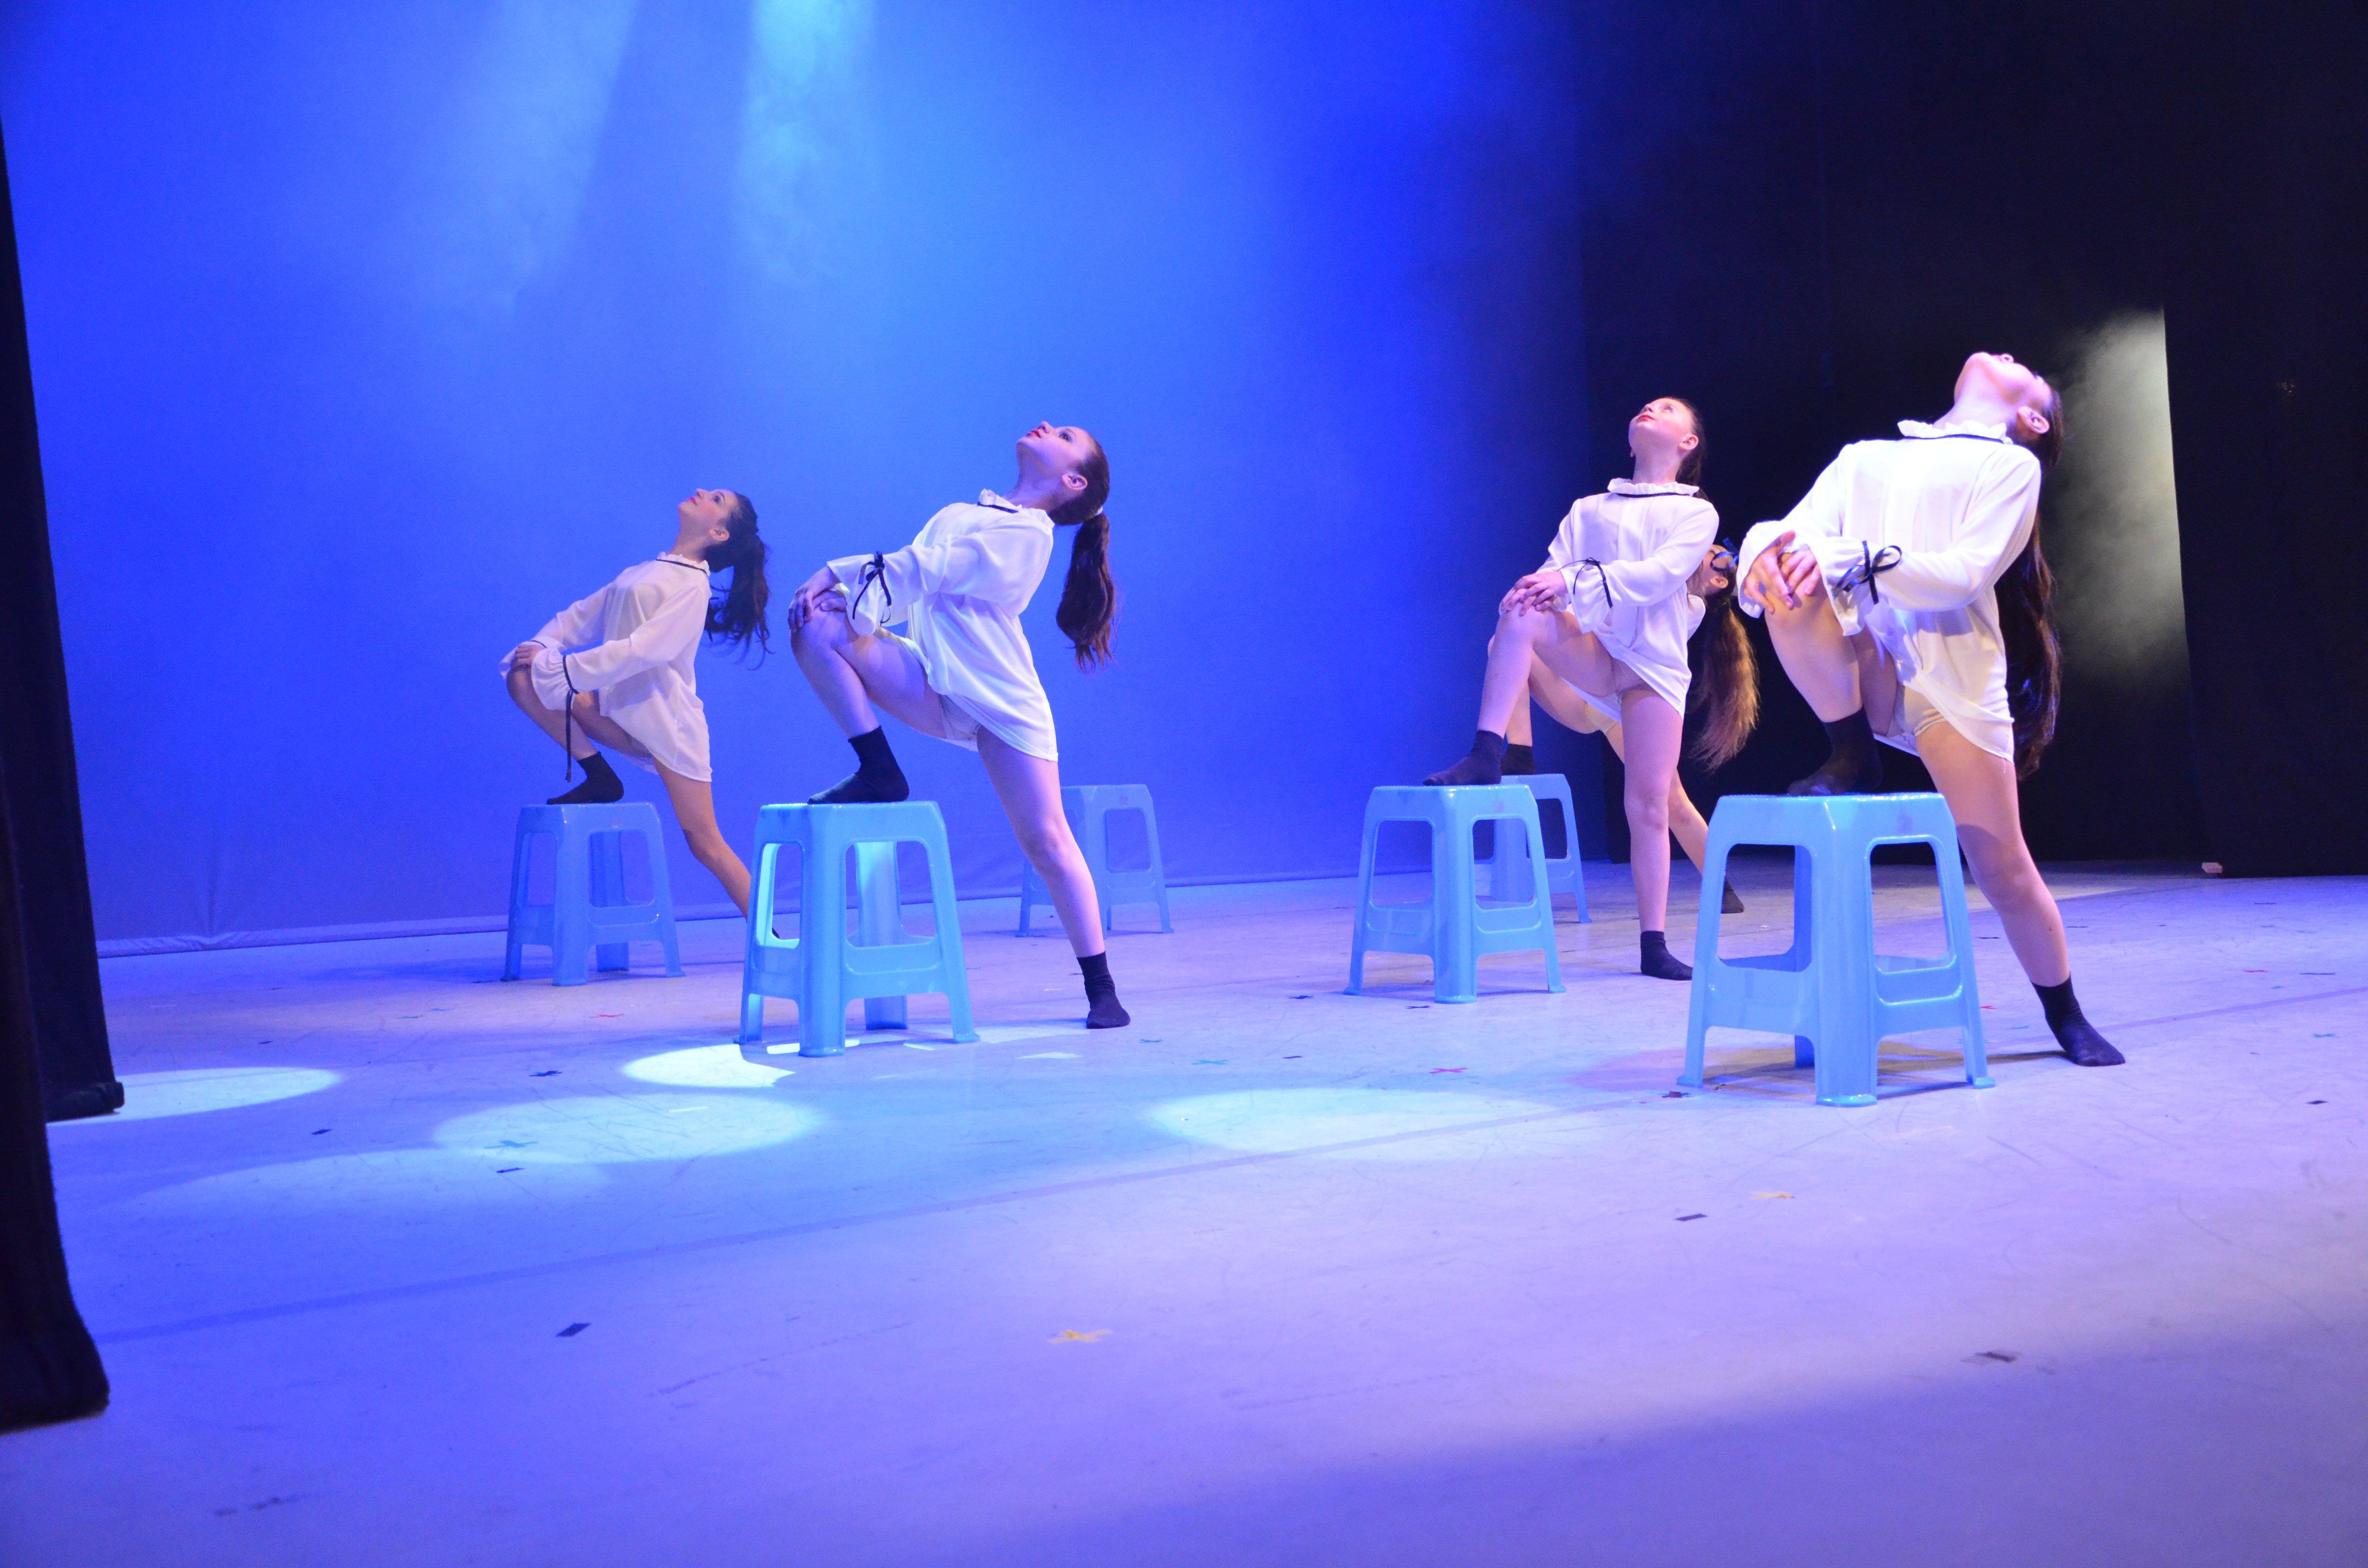 quattro ragazze che ballano con una gamba sulla sedia